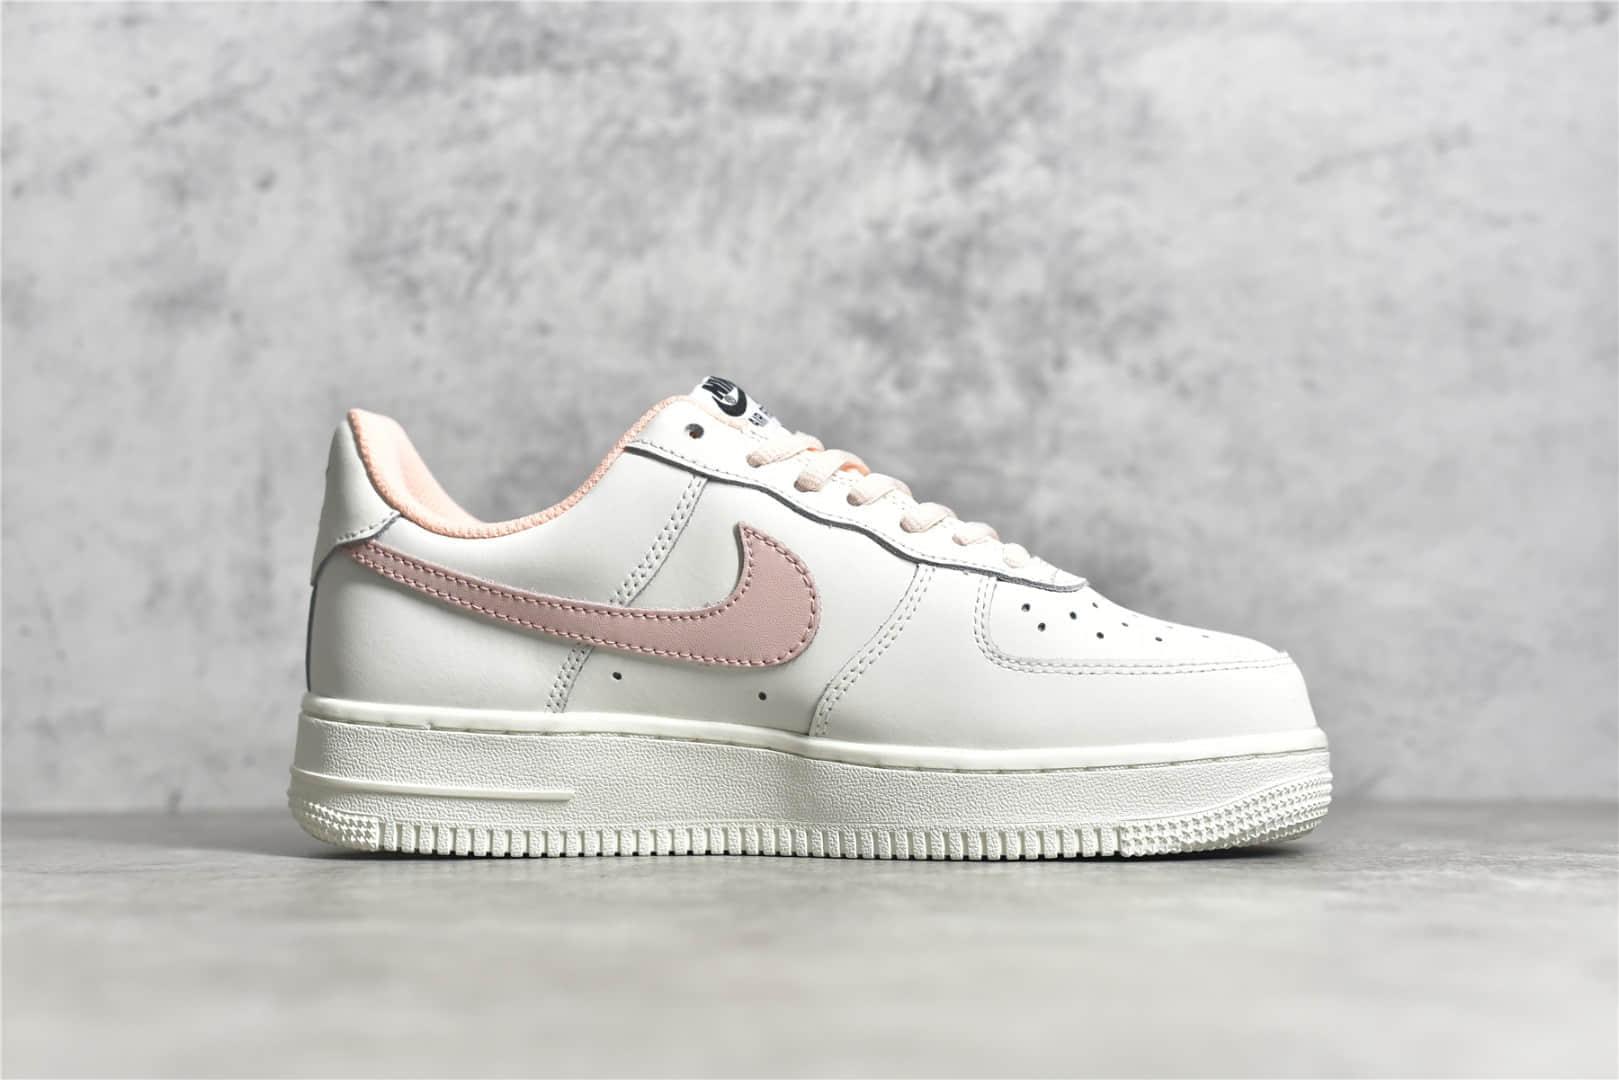 耐克空军白粉低帮 NIKE Air Force 1 顶级版本耐克空军一号纯原版本耐克空军女子板鞋 货号:CQ5059-106-潮流者之家